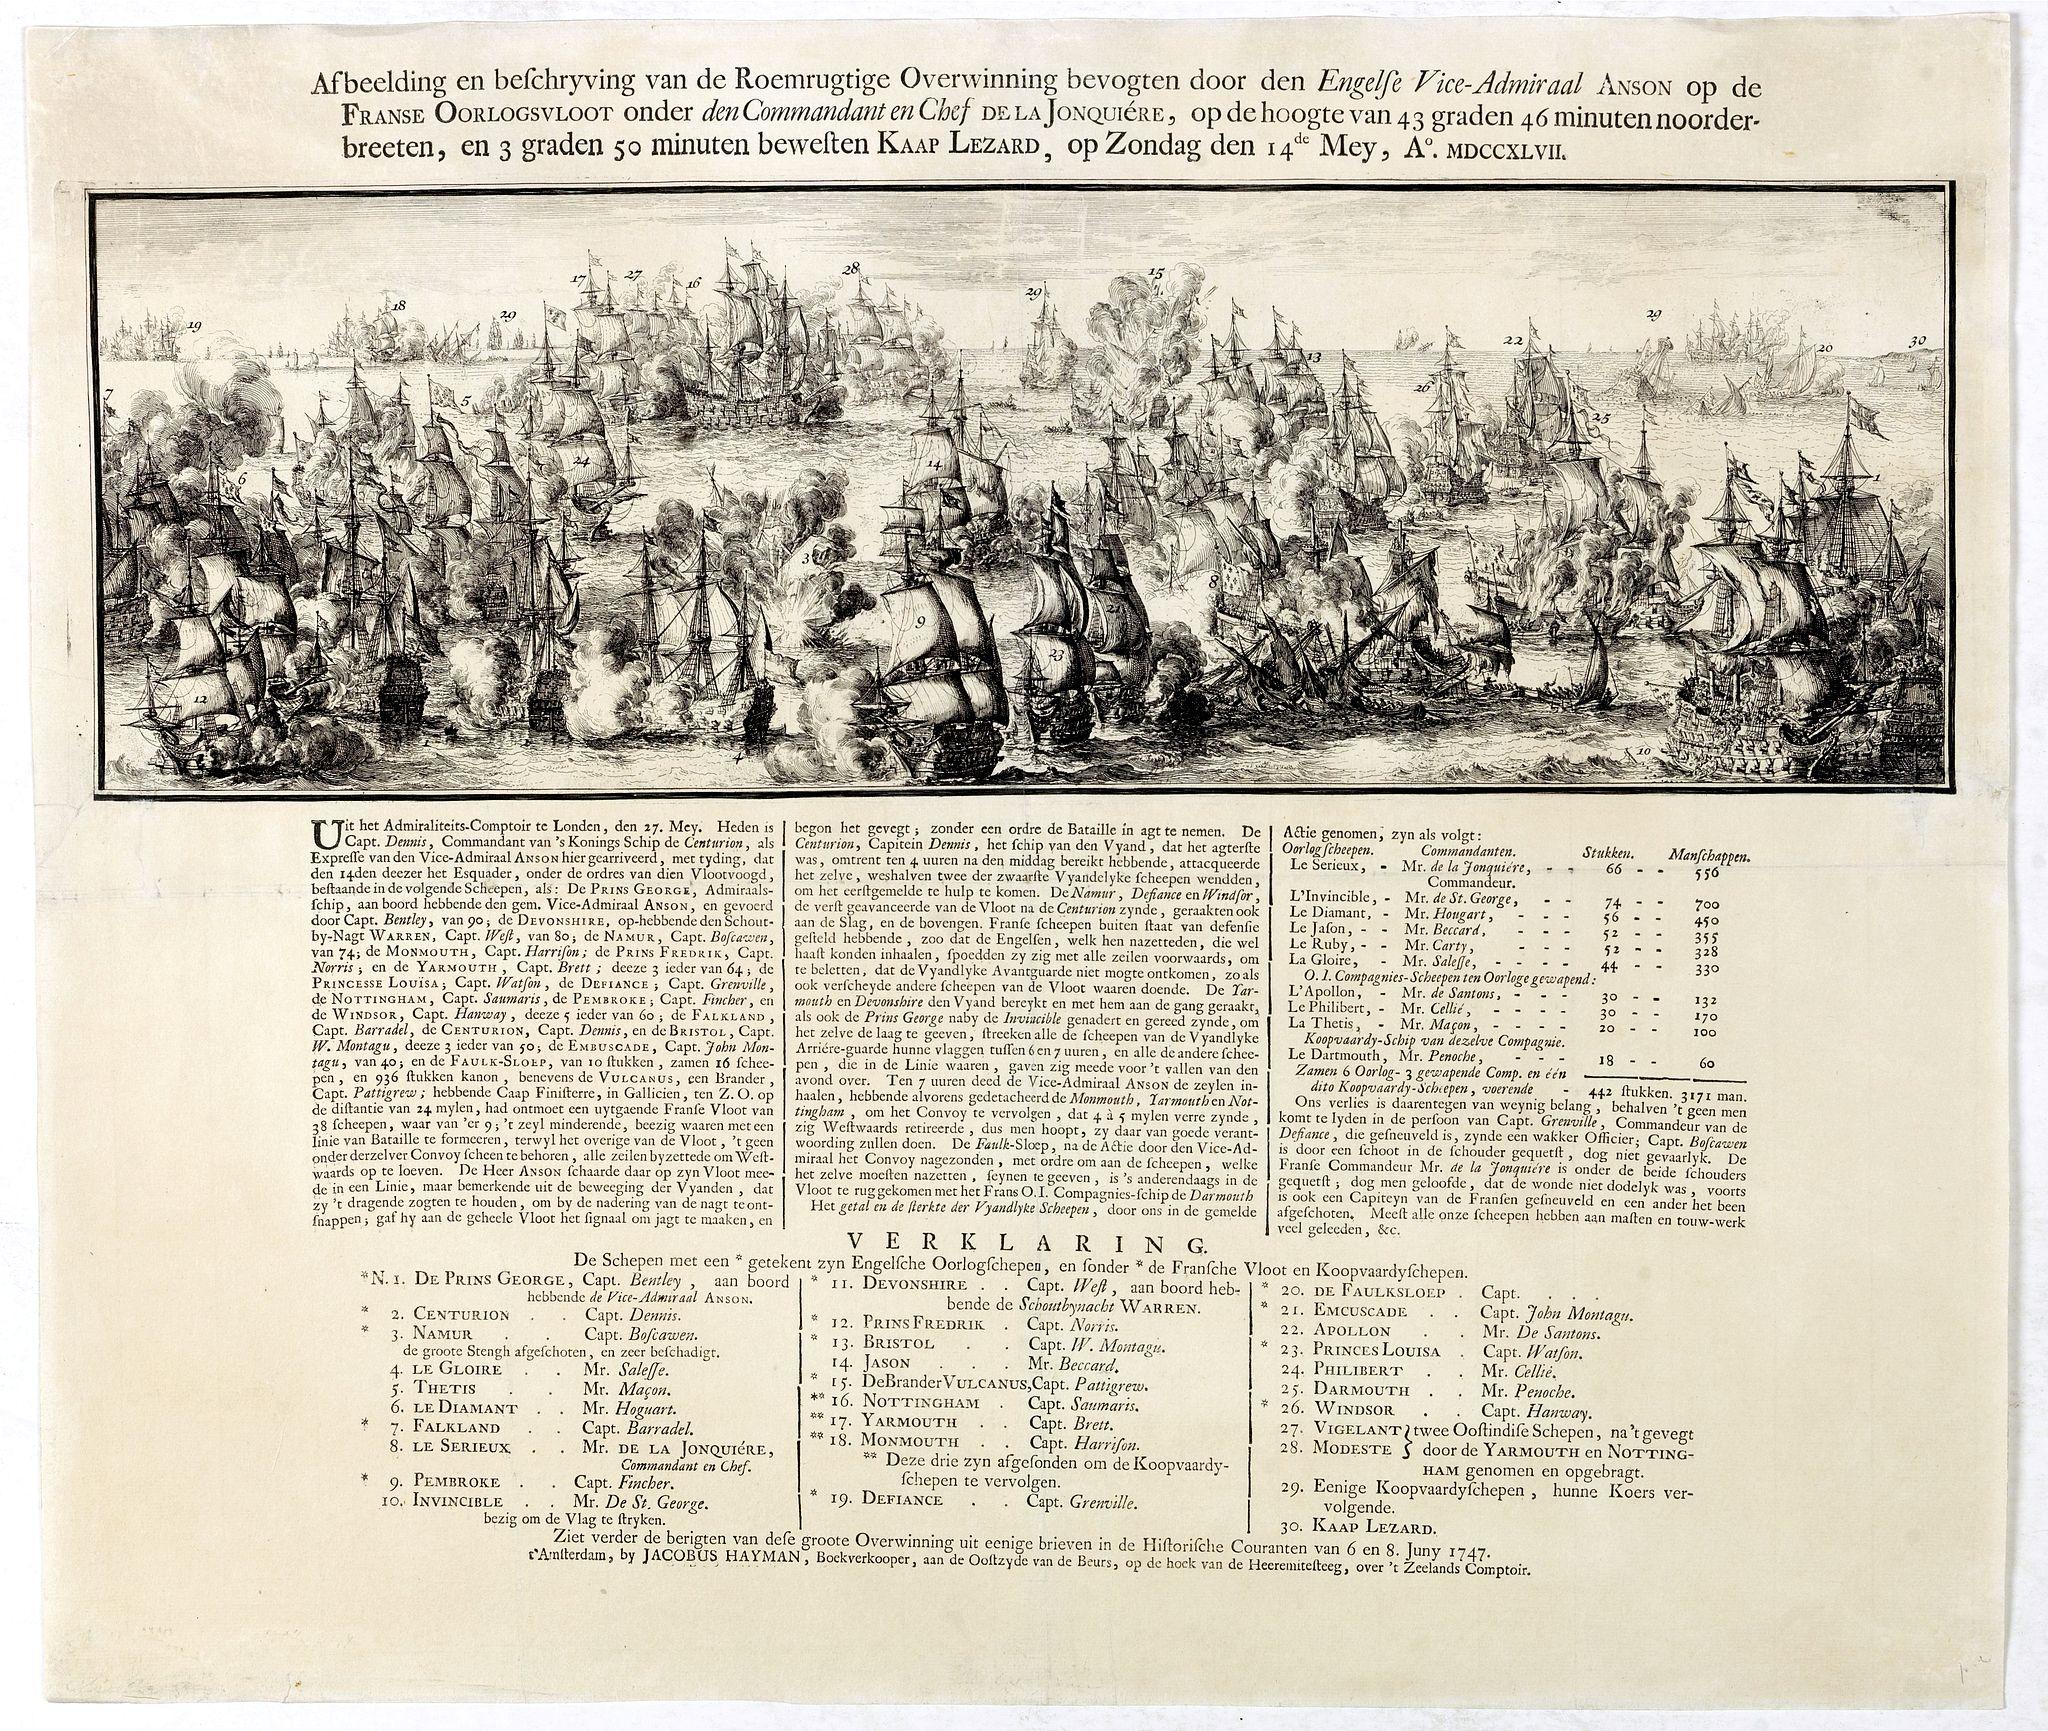 HAYMAN, J. - Afbeelding en befchrying van de Roemrugtige Overwinning bevogten door den Engelfe Vice- Admiral Anson . . .